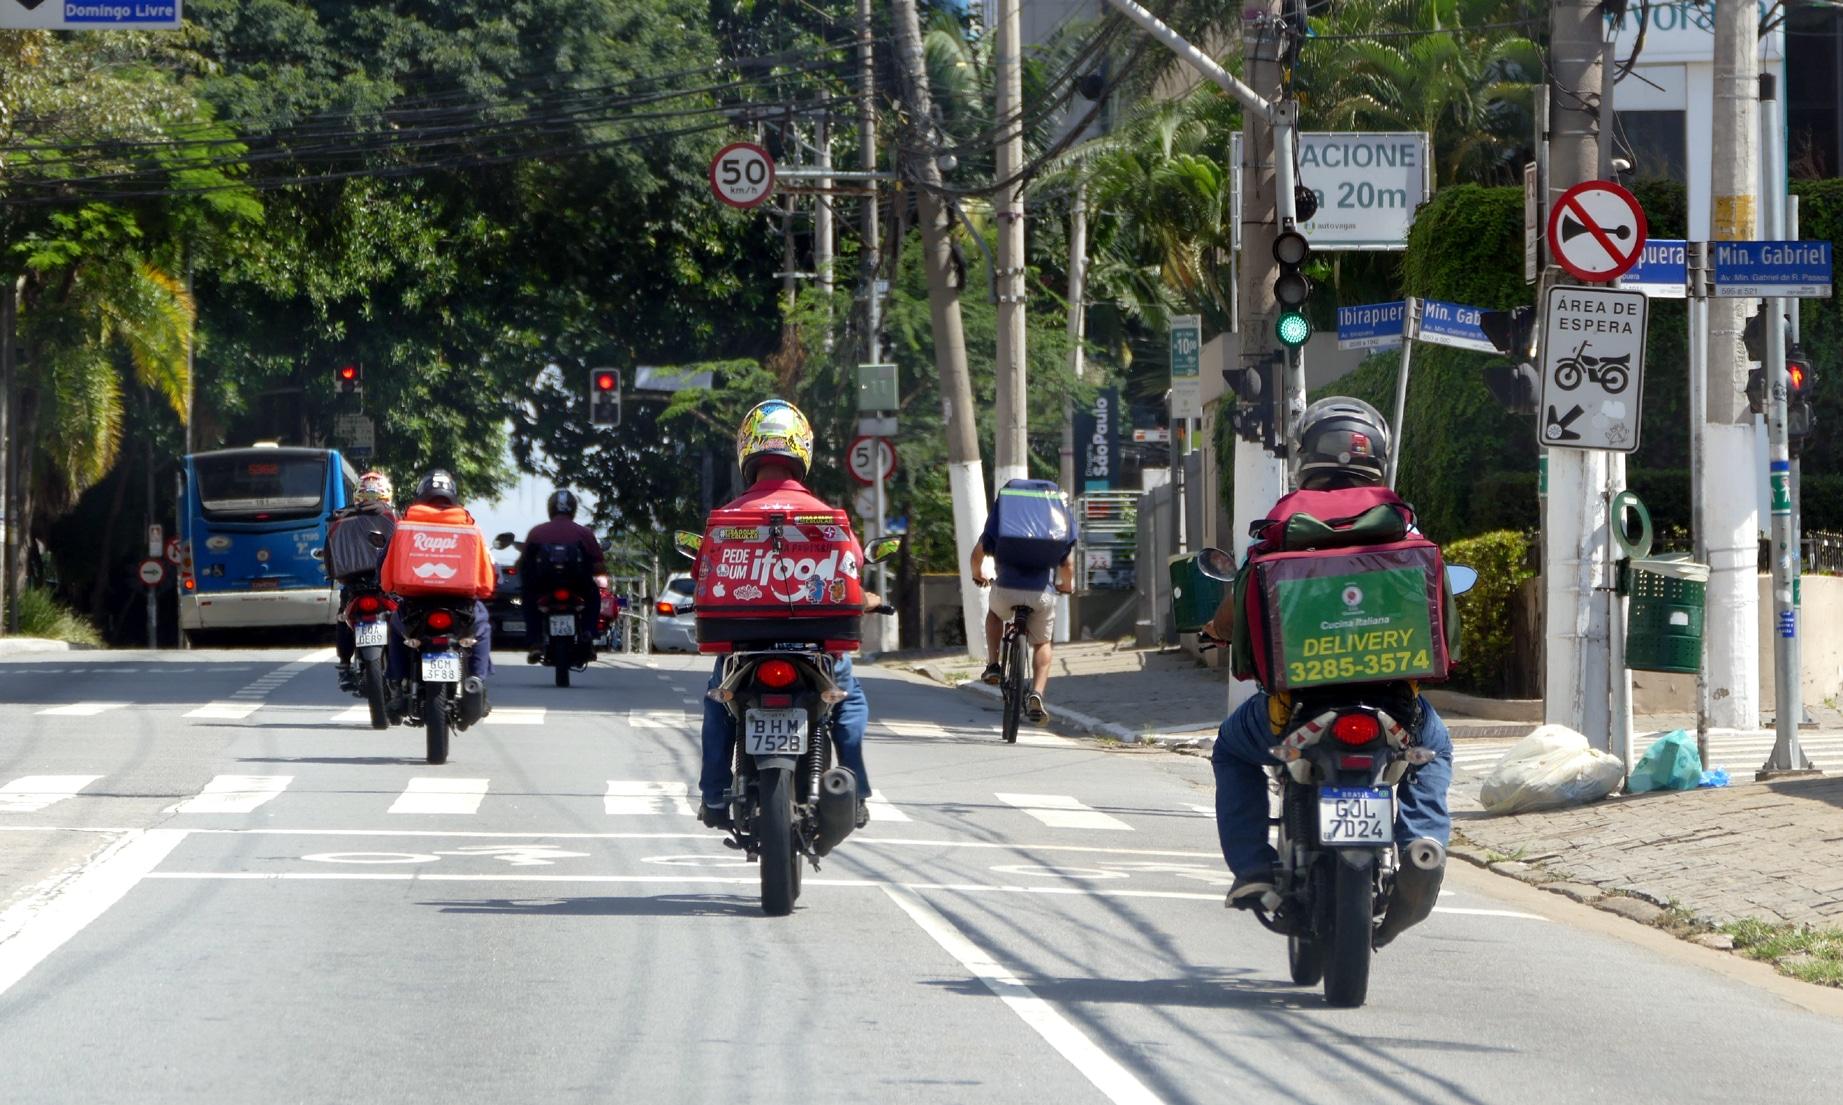 Motoboys na Avenida Ibrapuera, em São Paulo, durante o feriado prolongado